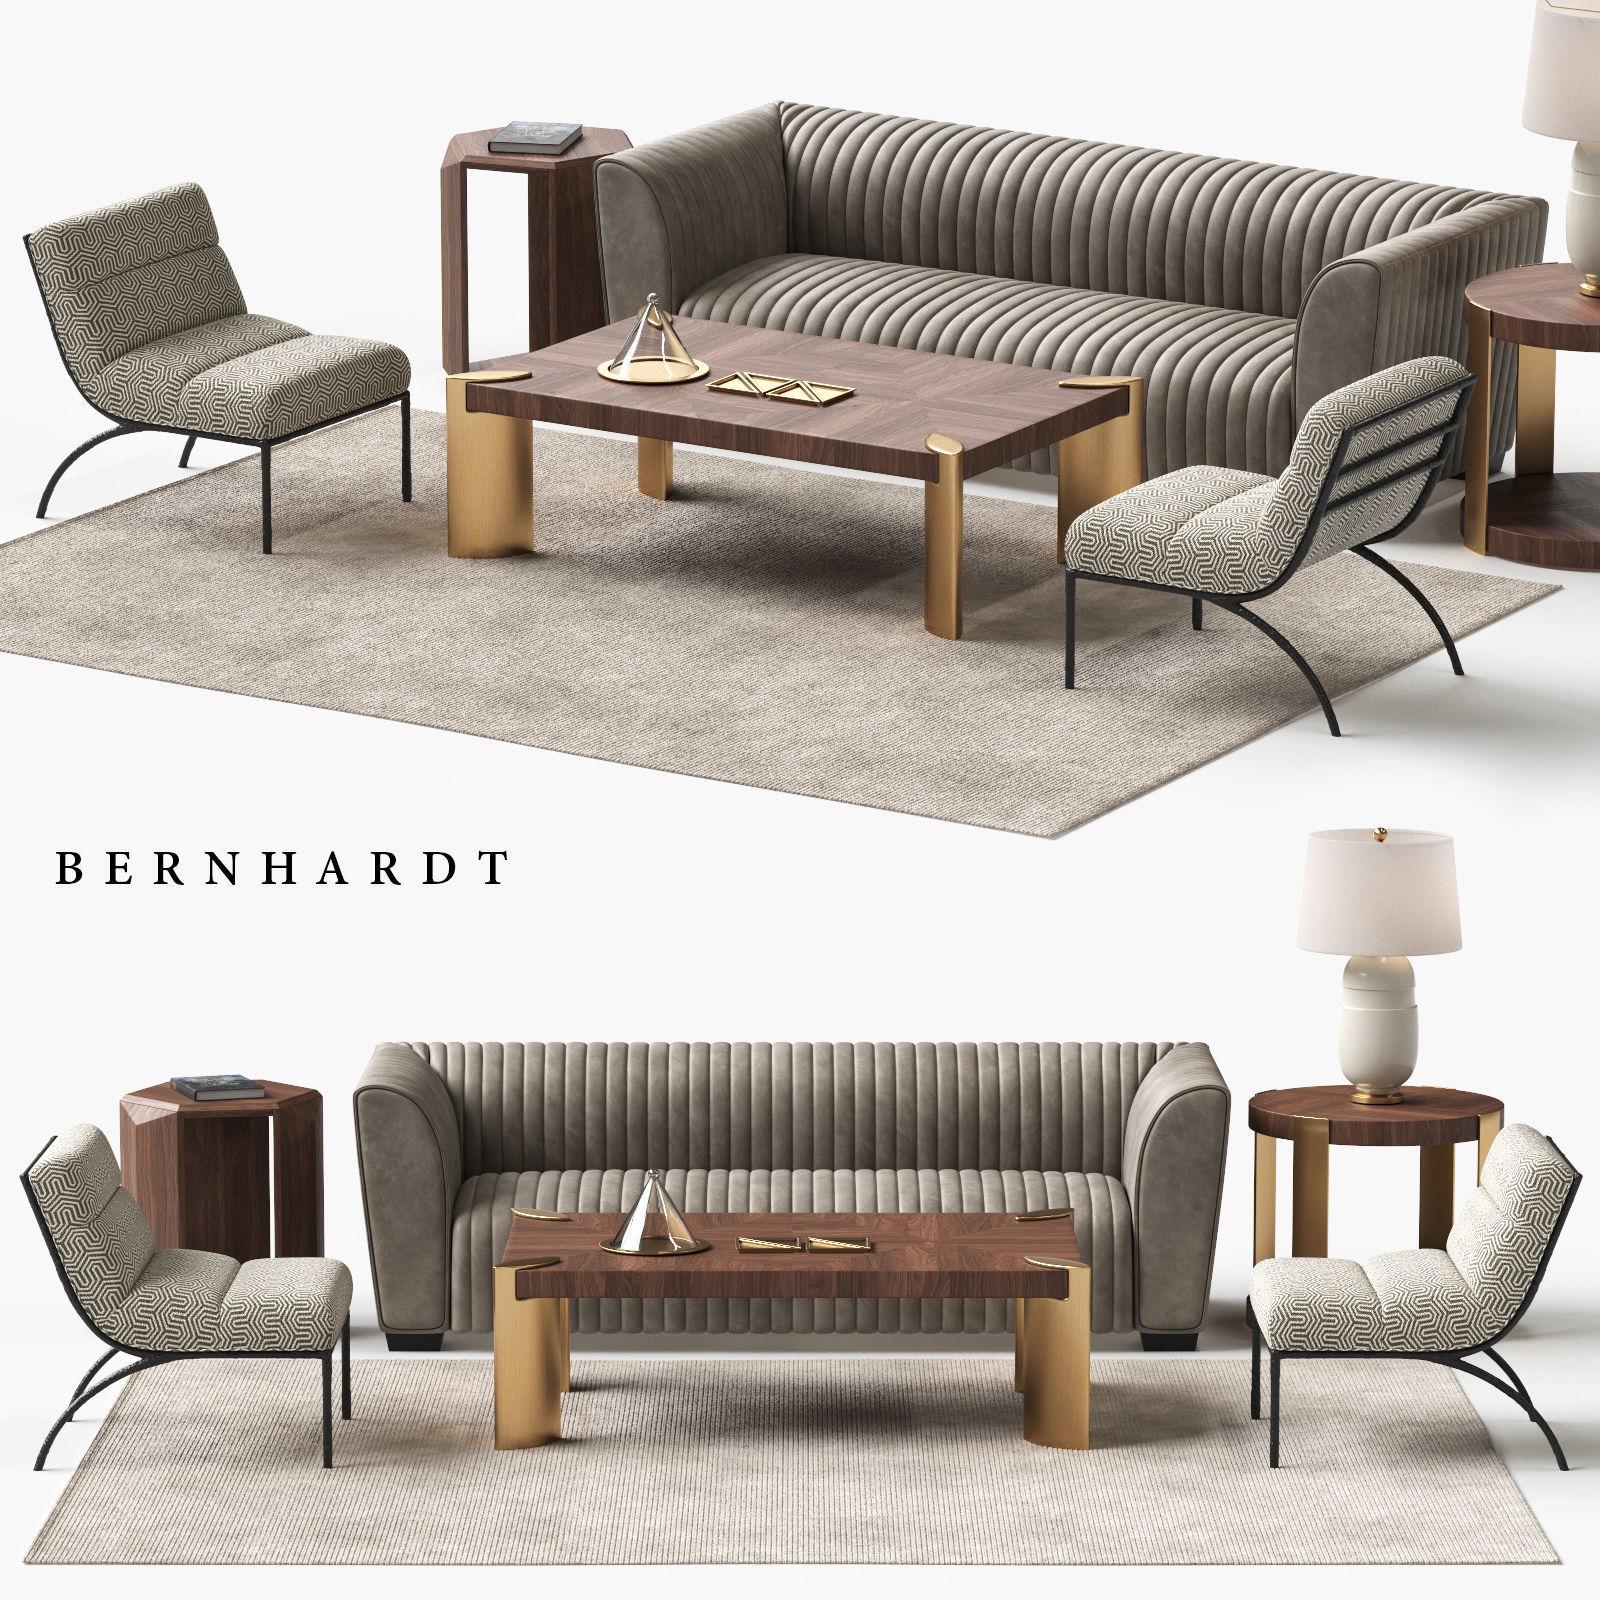 chair 3D model BERNHARDT Kent Sofa Set | CGTrader